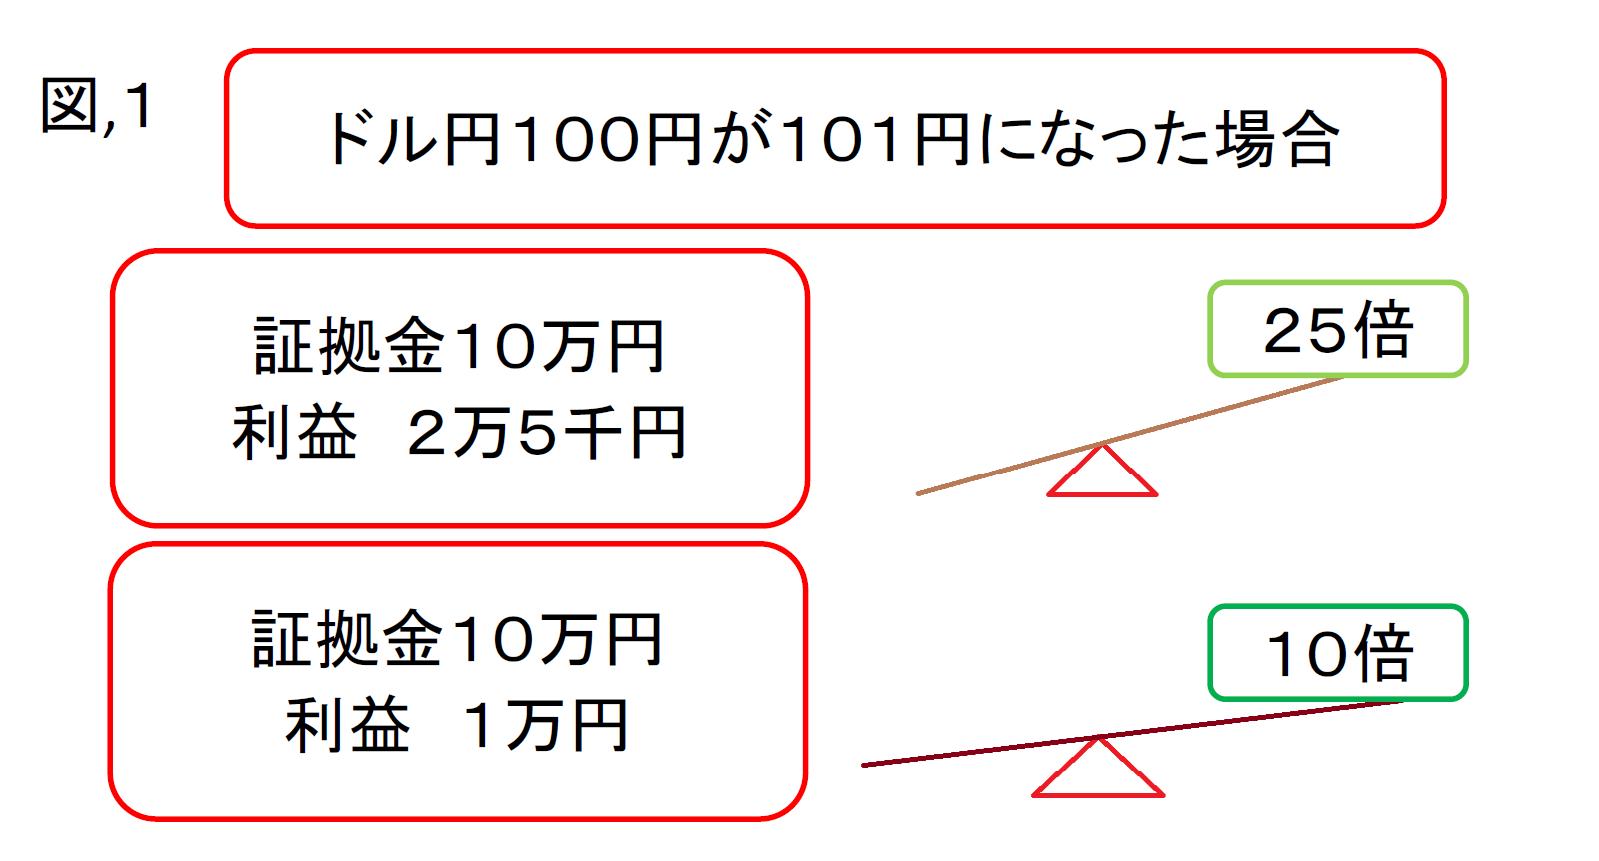 レバレッジ図